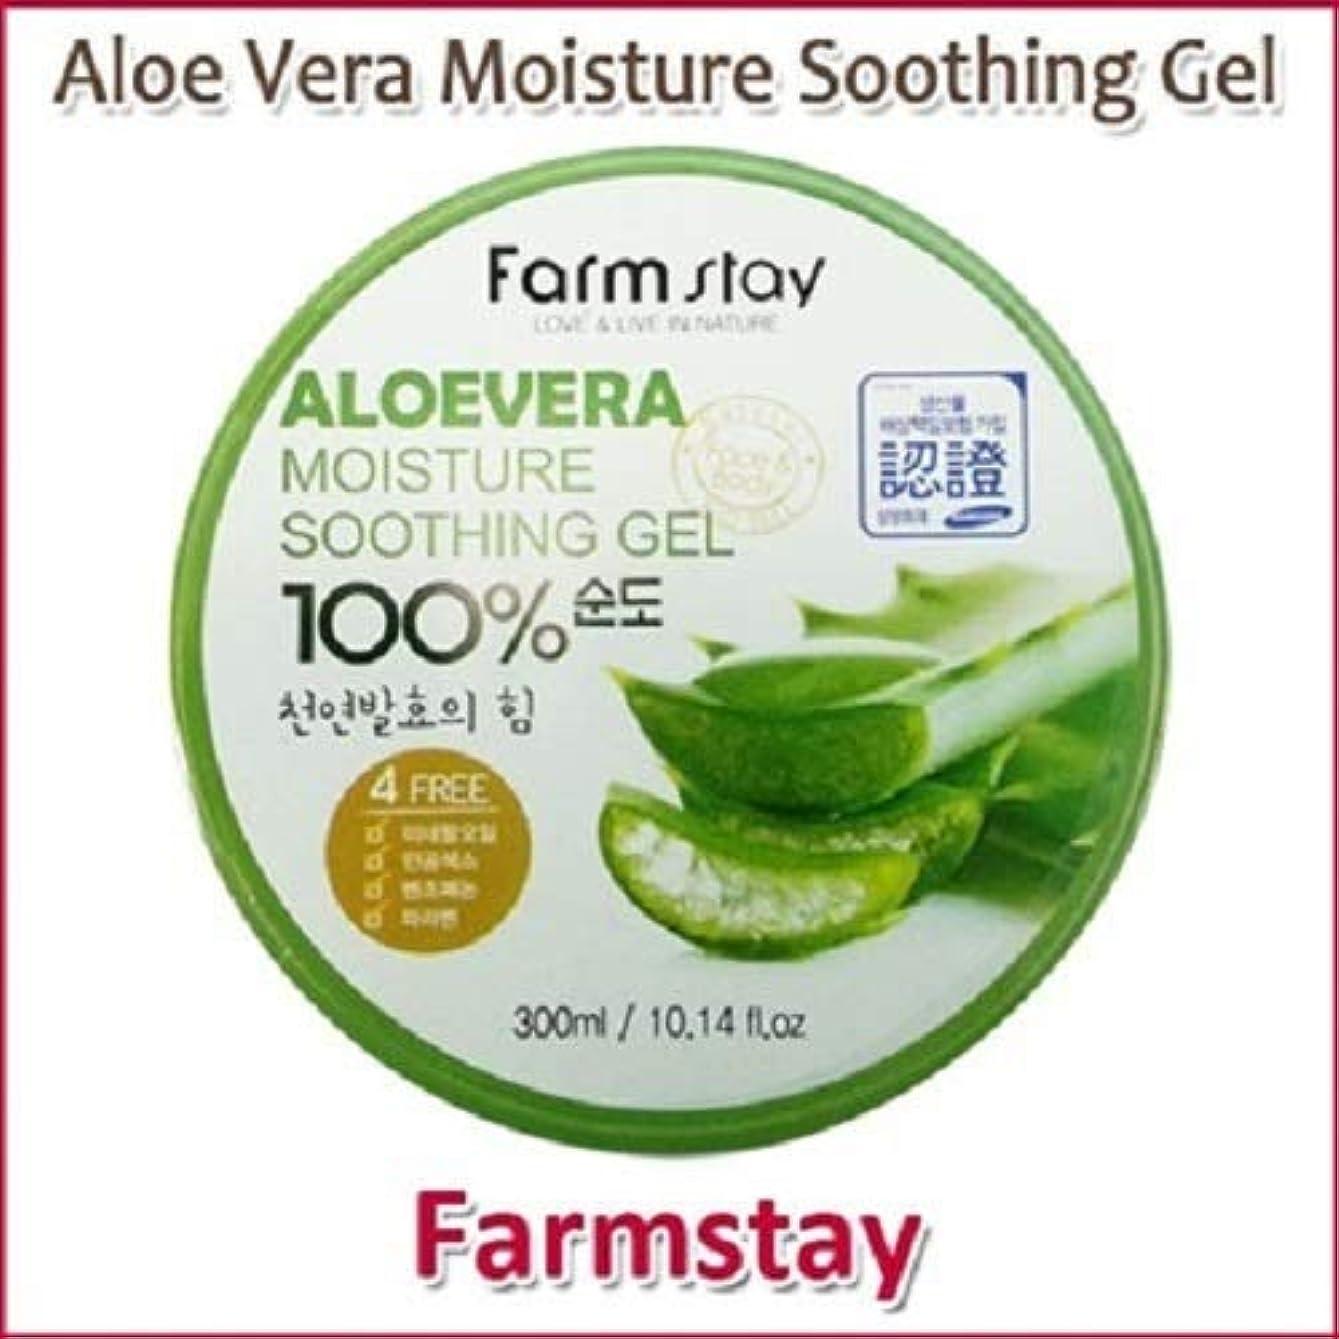 偽装する道徳の職業Farm Stay Aloe Vera Moisture Soothing Gel 300ml /オーガニック アロエベラゲル 100%/保湿ケア/韓国コスメ/Aloe Vera 100% /Moisturizing [...